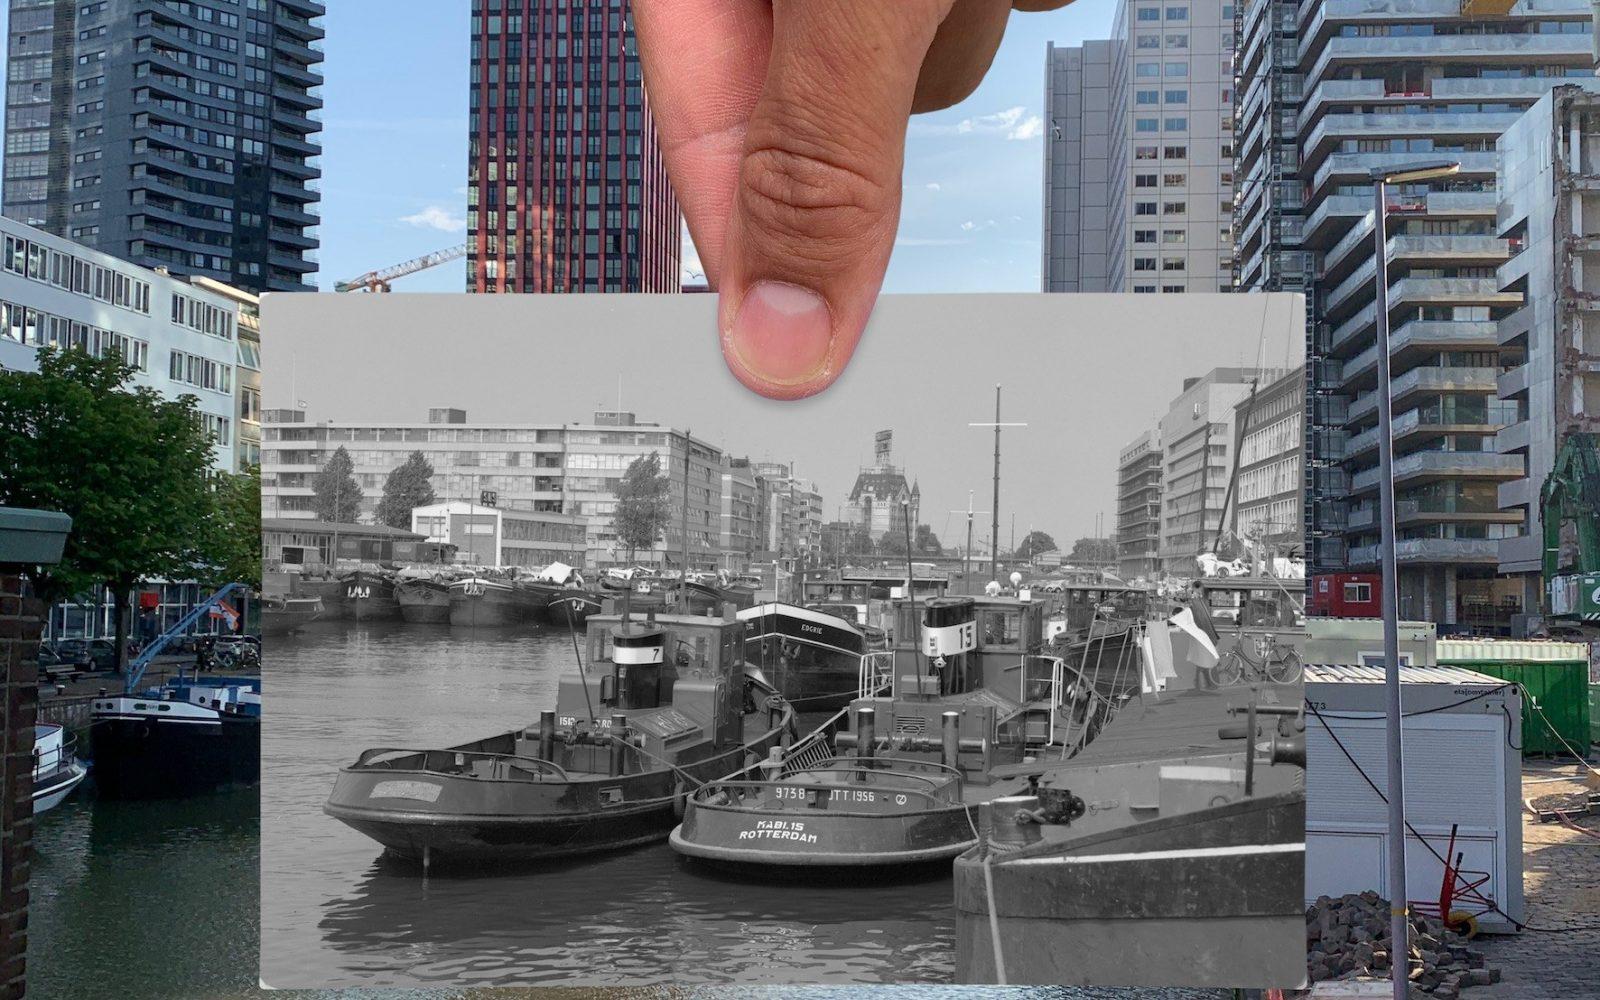 Bezoek de expositie Waterstad, Wederopbouw en Wonen